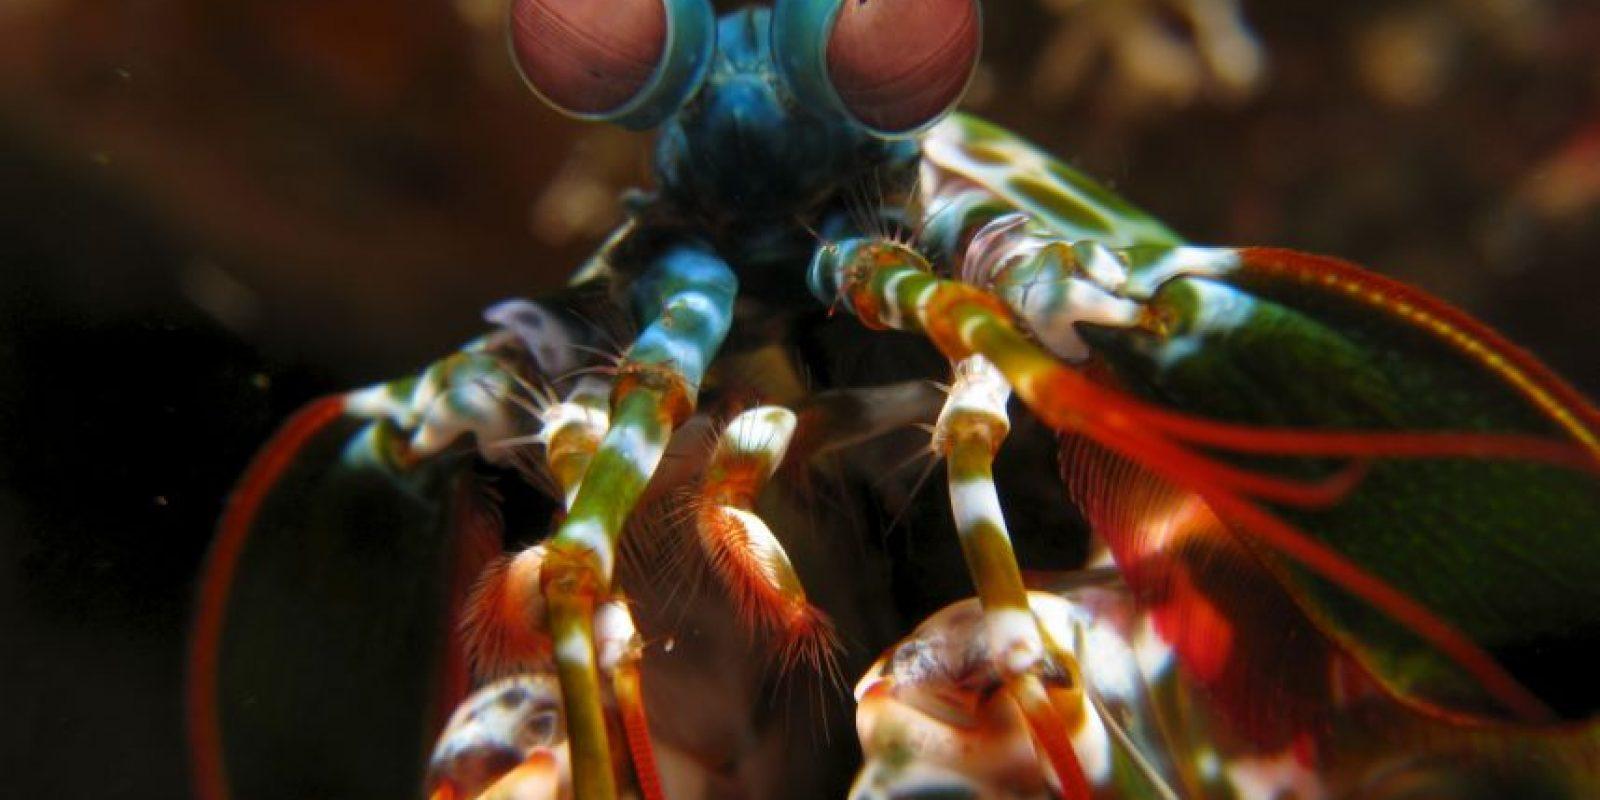 Mantis cangrejo: se les llama así a estos crustáceos por parecerse al famoso insecto. Tienen una larga vida y suelen vivir escondidos, en mares subtropicales. Foto:vía Wikipedia